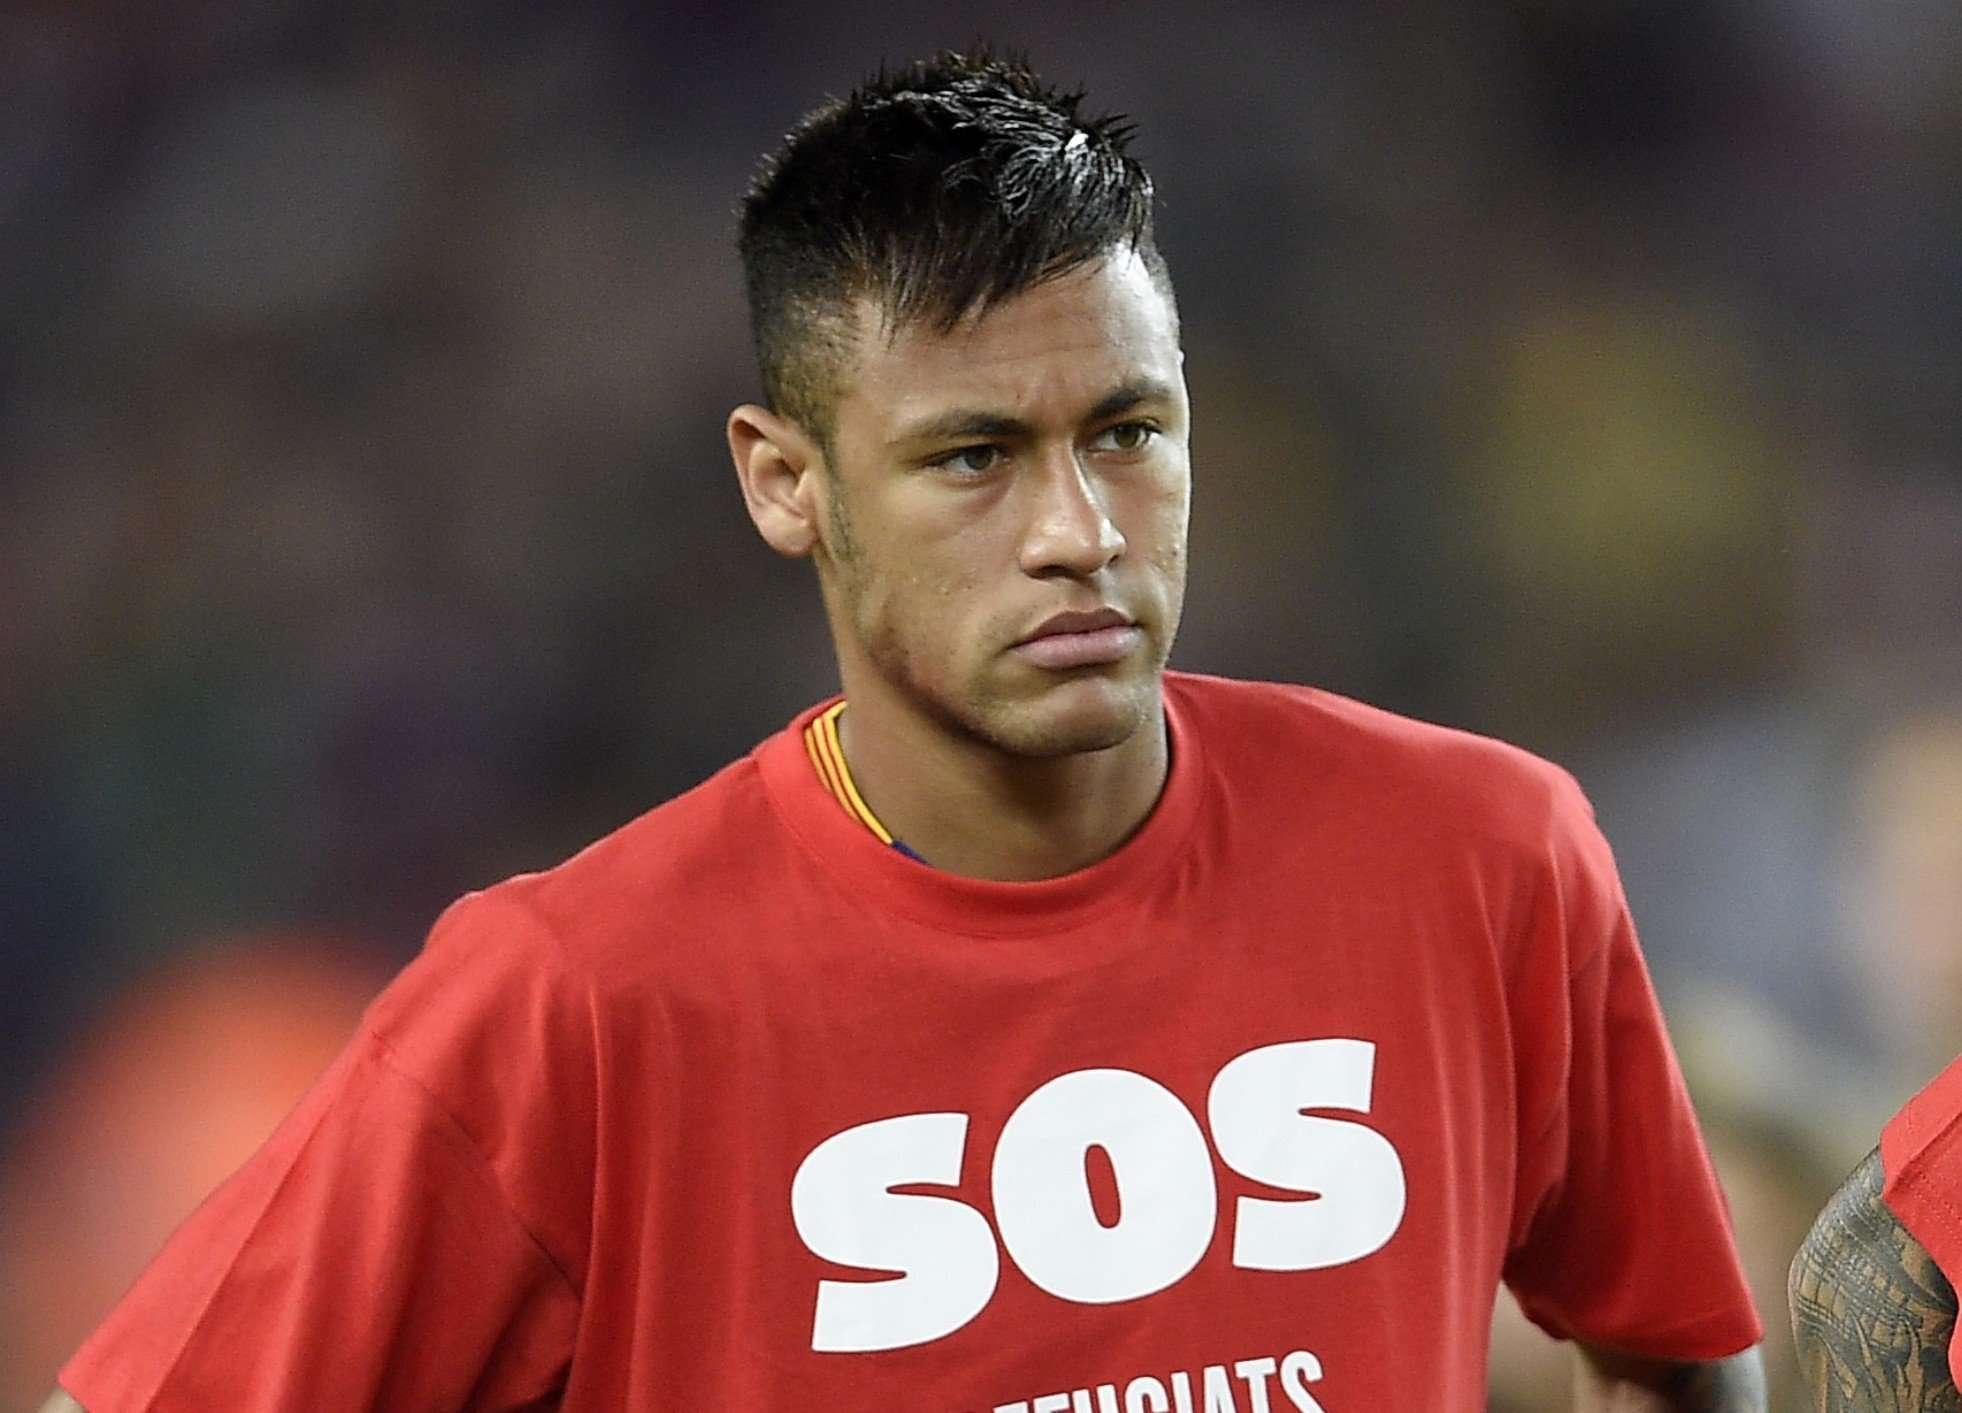 Justiça Federal bloqueia R$ 188,8 mi de Neymar por sonegação; atacante nega acusação